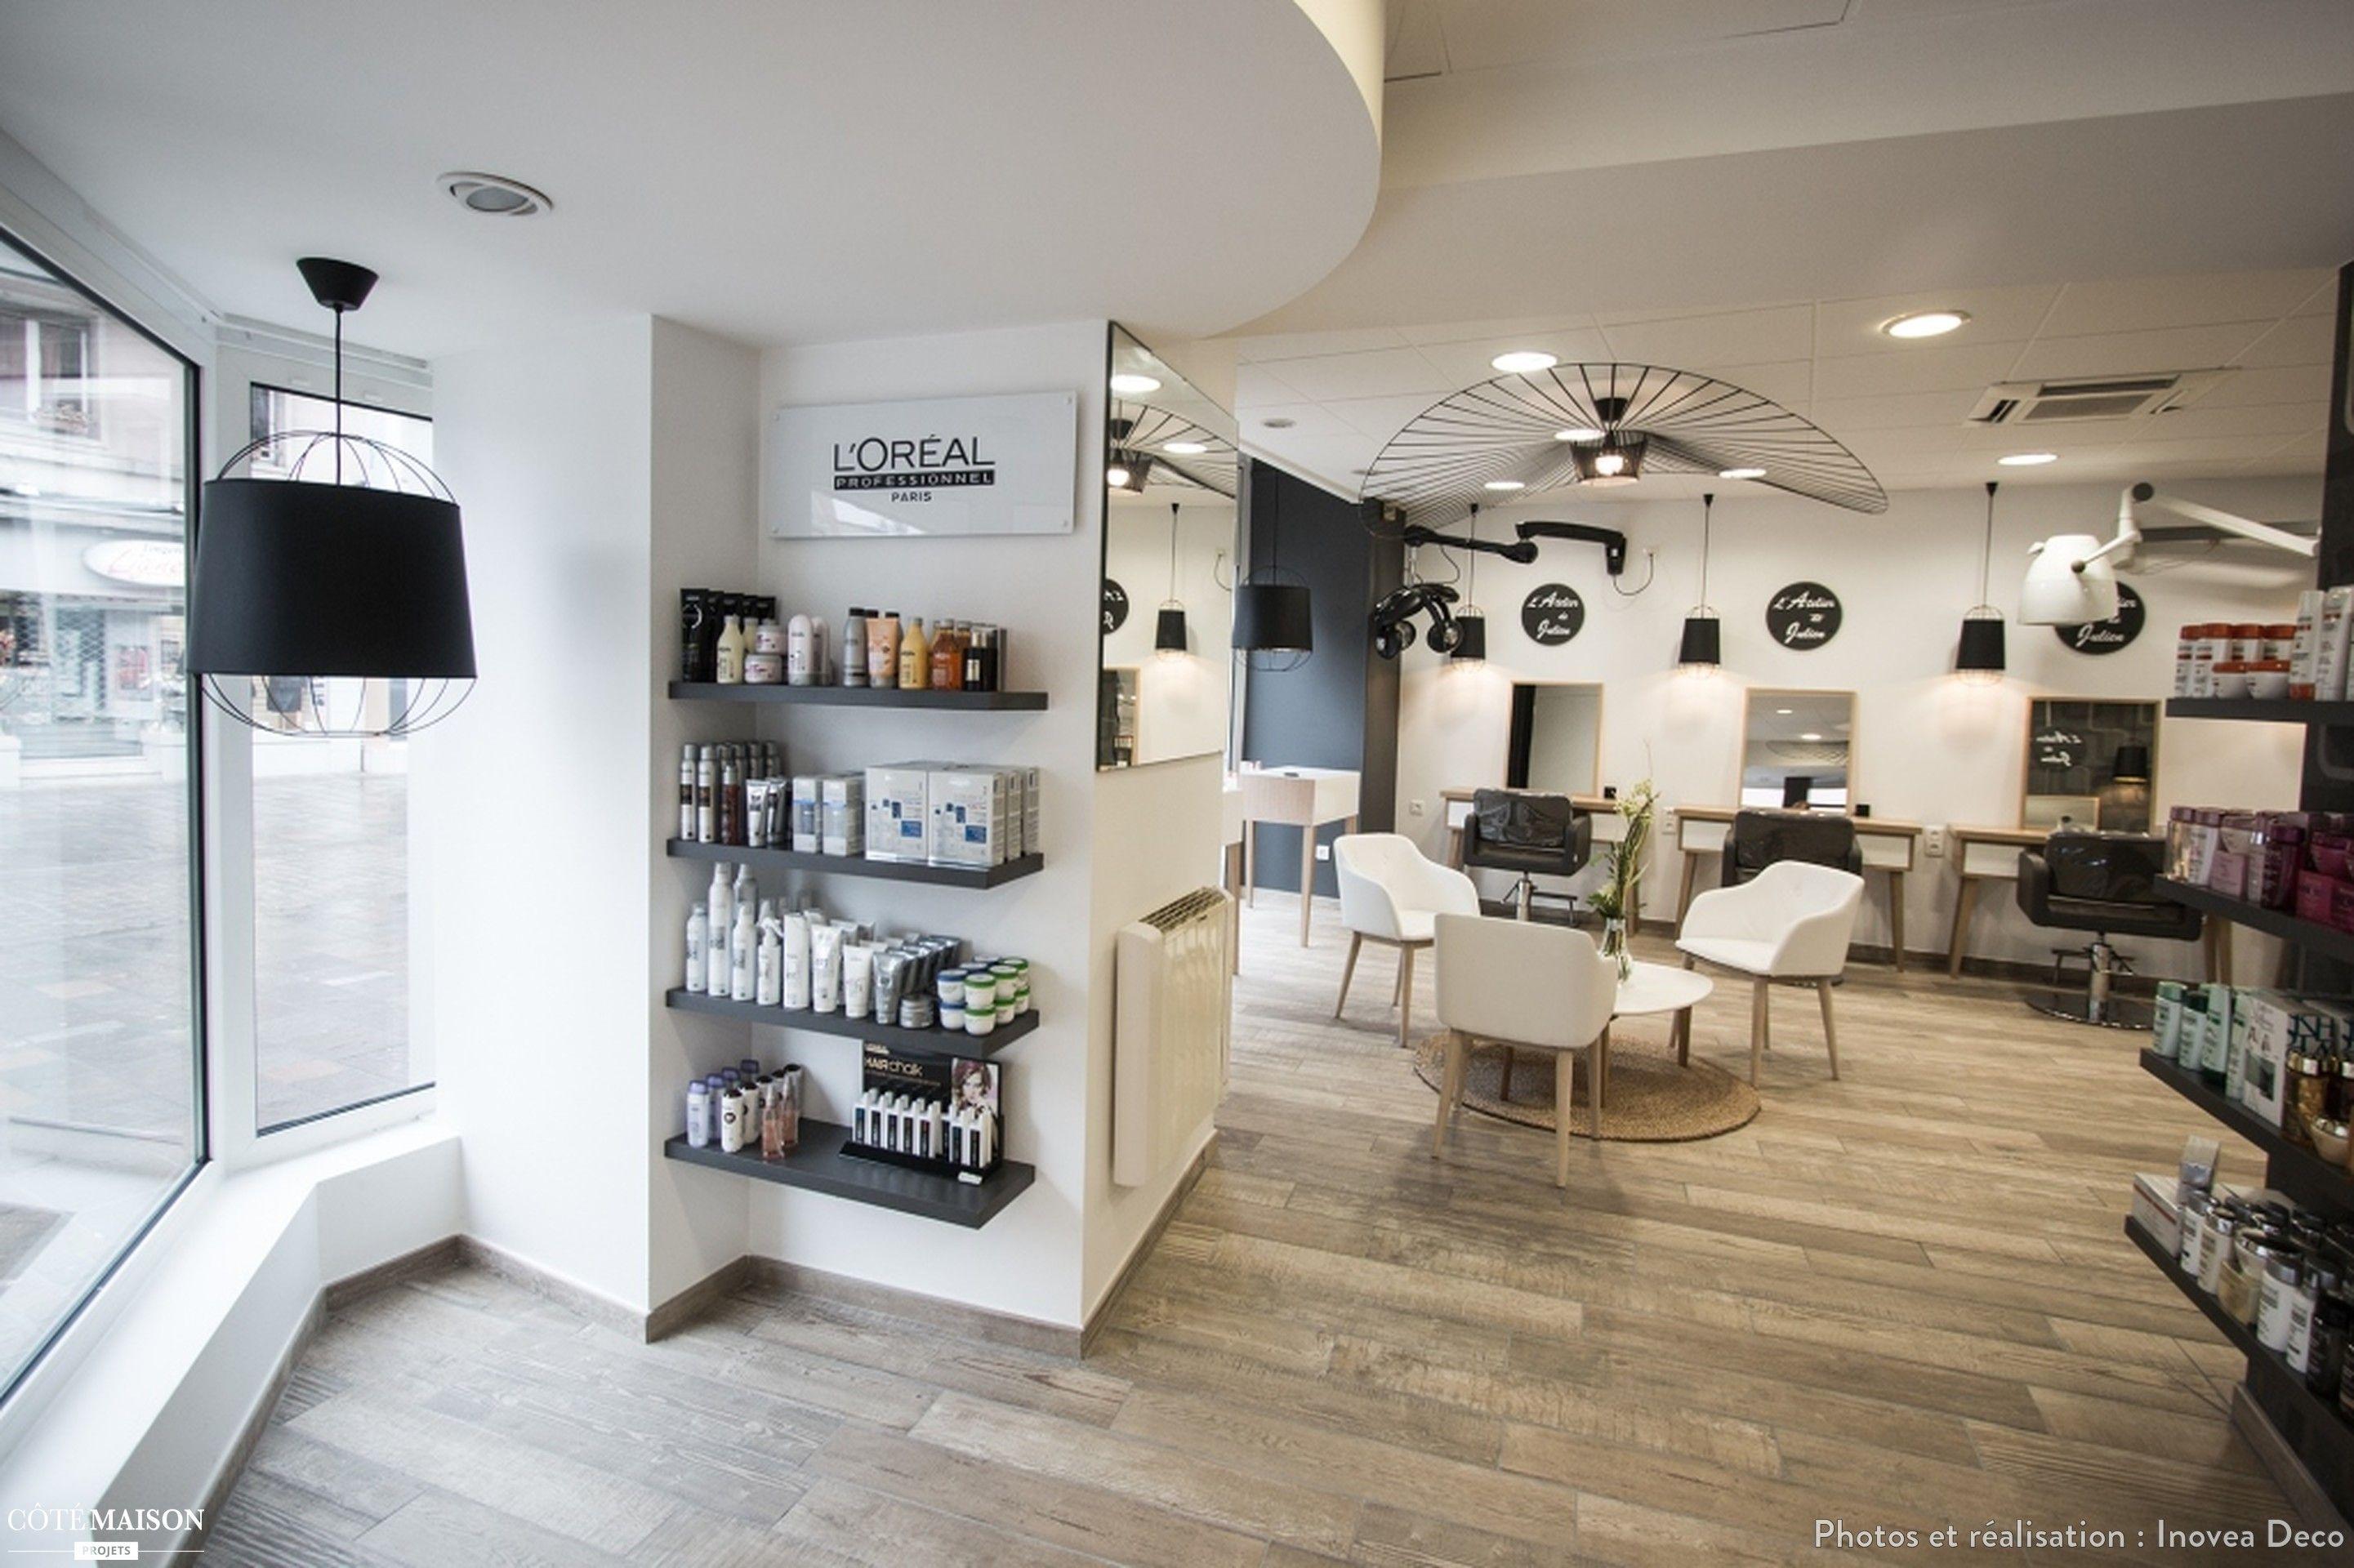 77 Modele Deco Salon De Coiffure Home Salon Salon Decor Beauty Room